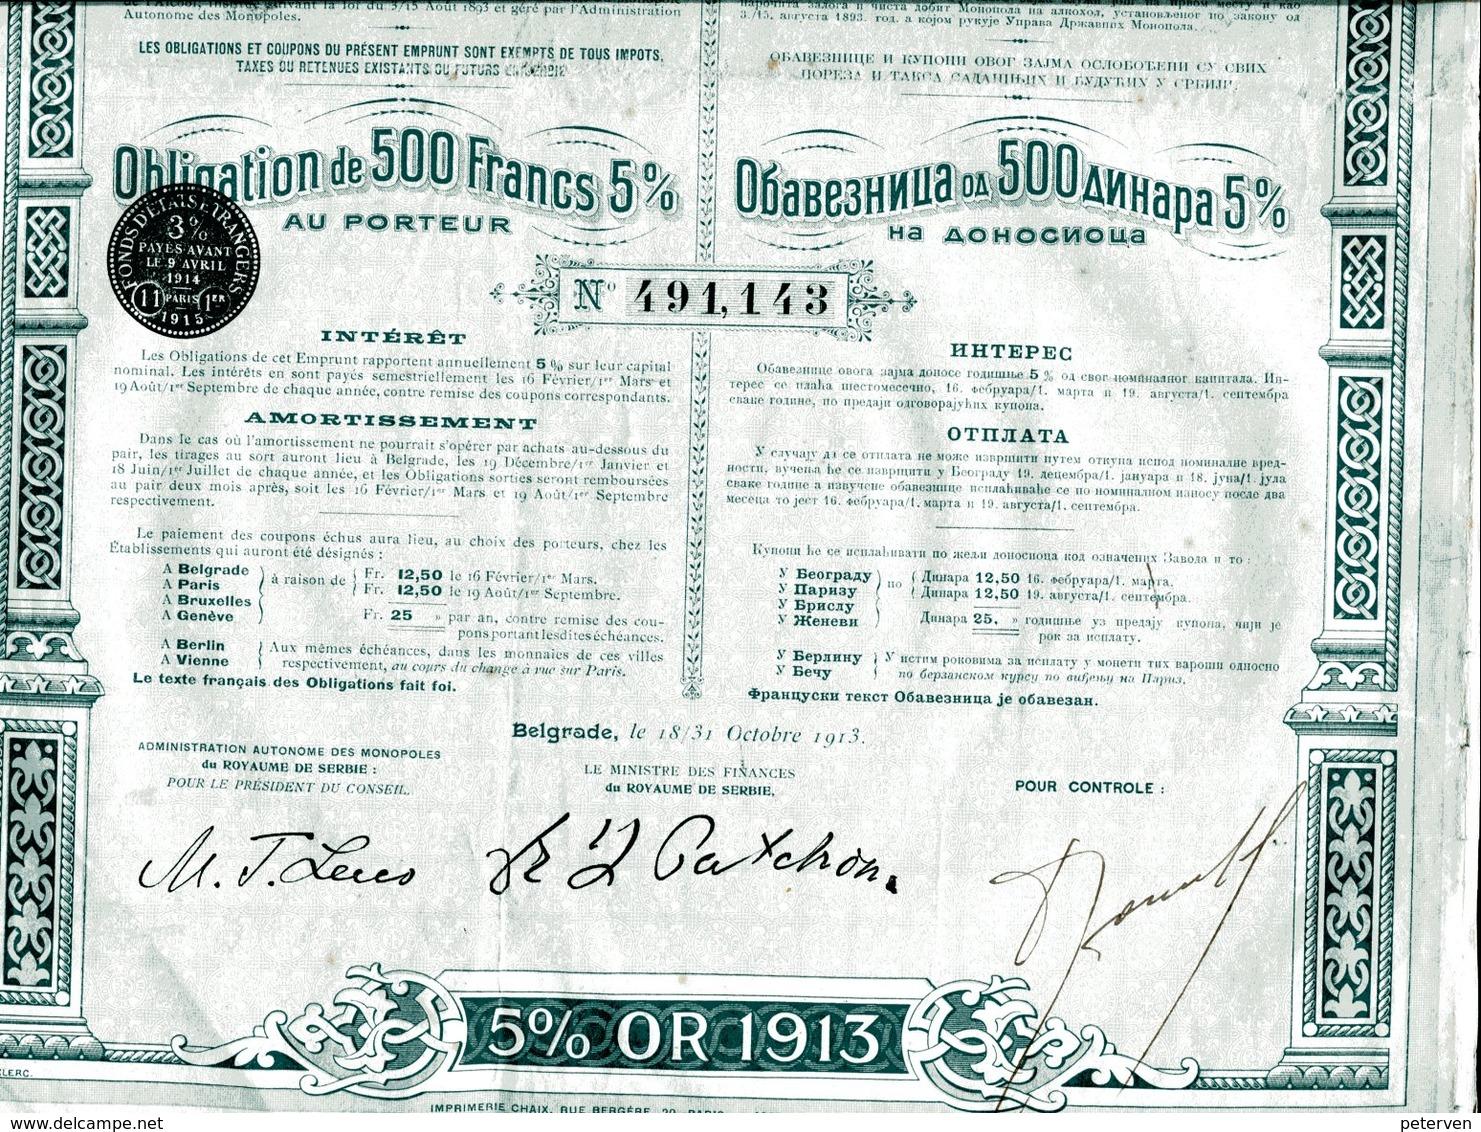 Royaume De Serbie: 5% Emprunt Or De 1913 - Banque & Assurance